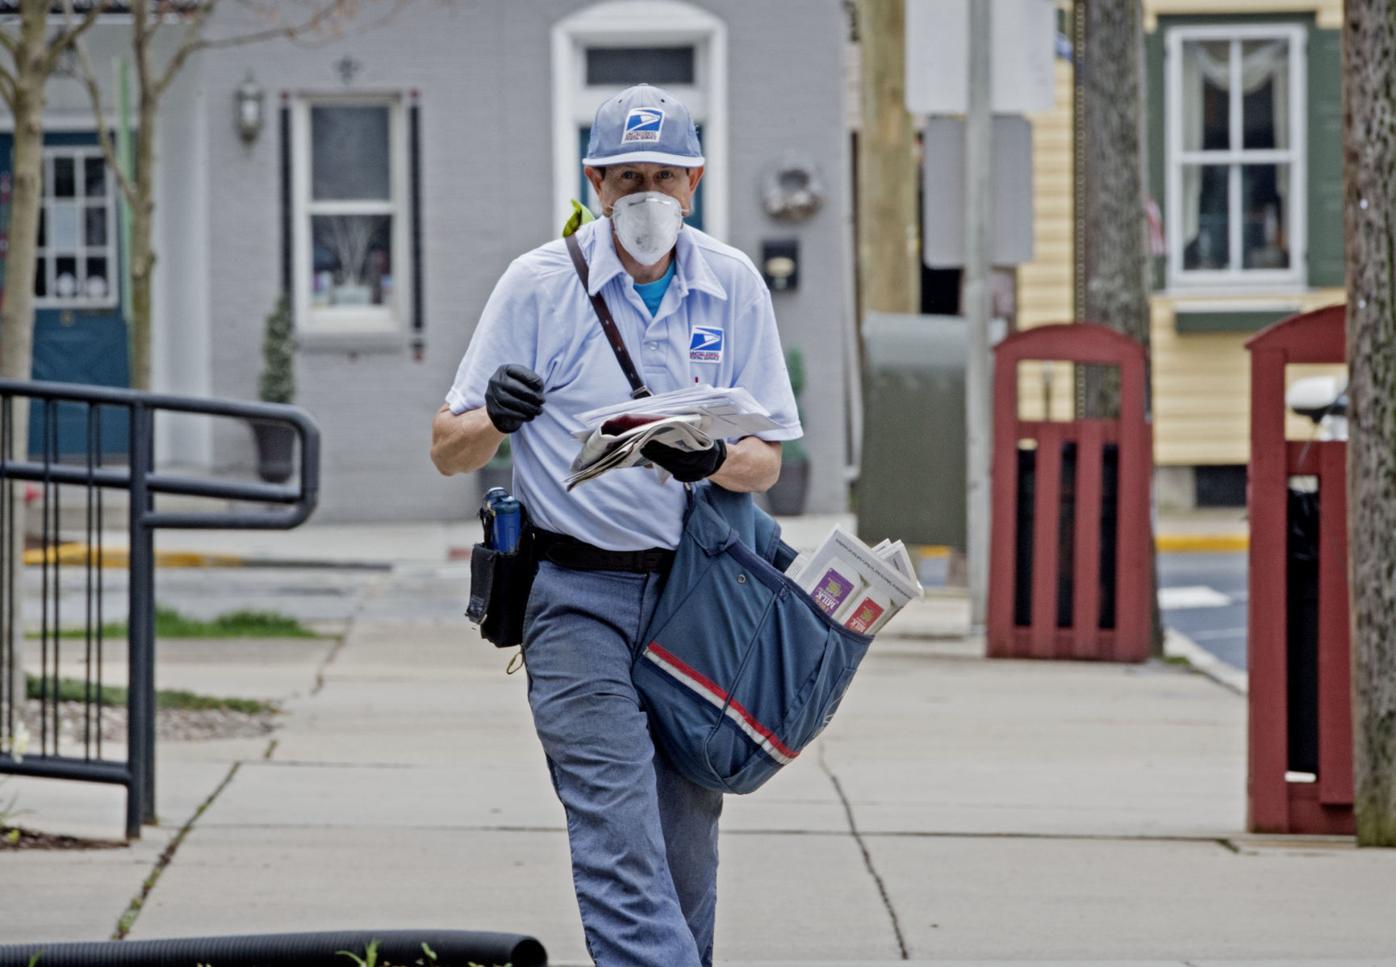 Postman Manheim